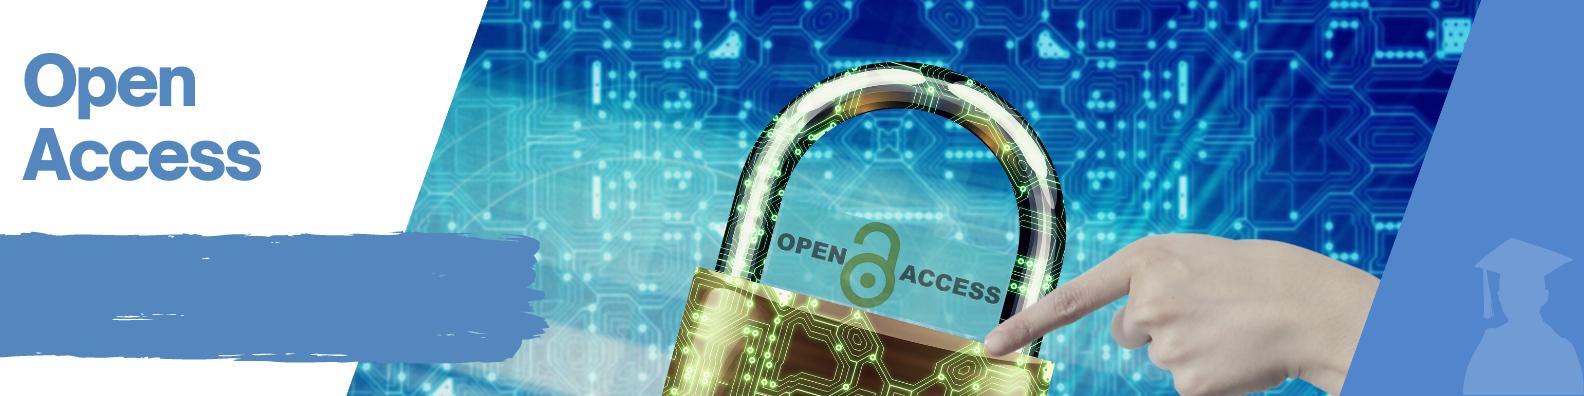 Open Access banner